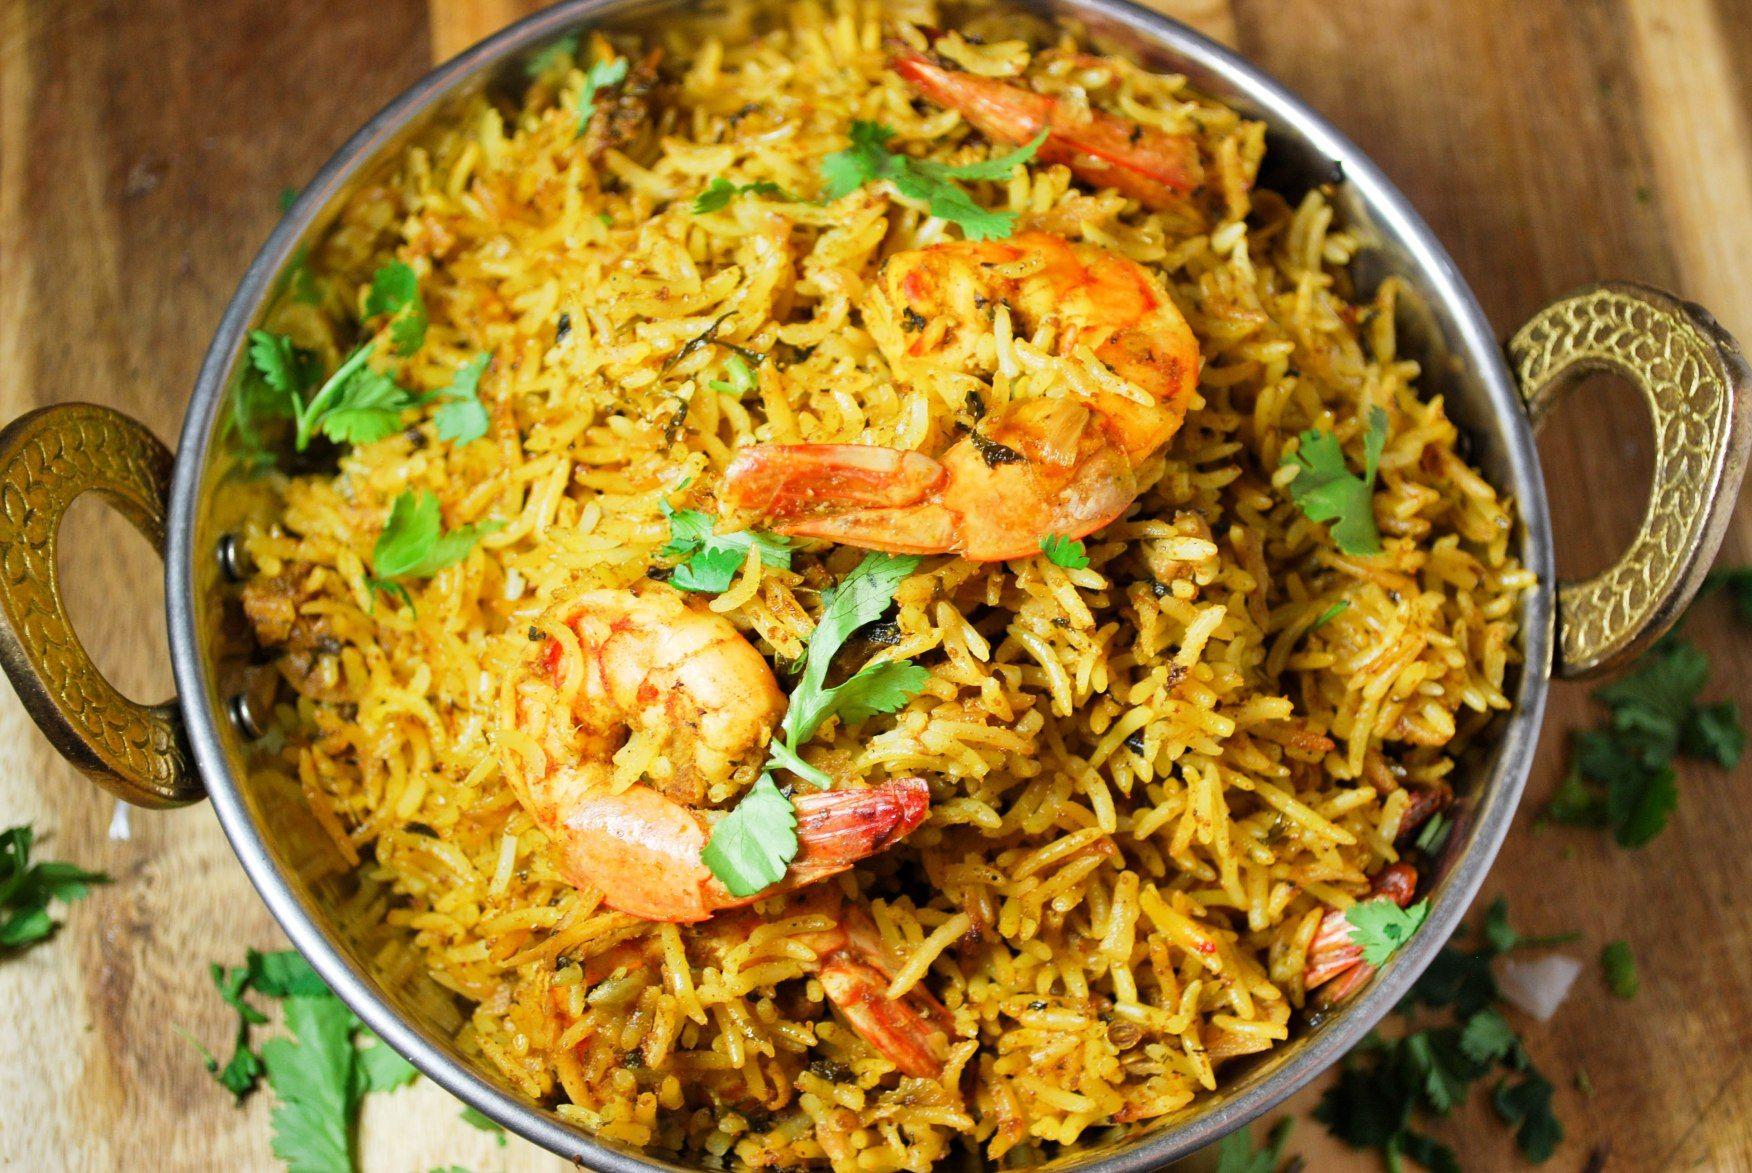 Rice cooker shrimp prawn biryani recipe biryani rice and rice rice cooker shrimp prawn biryani forumfinder Choice Image